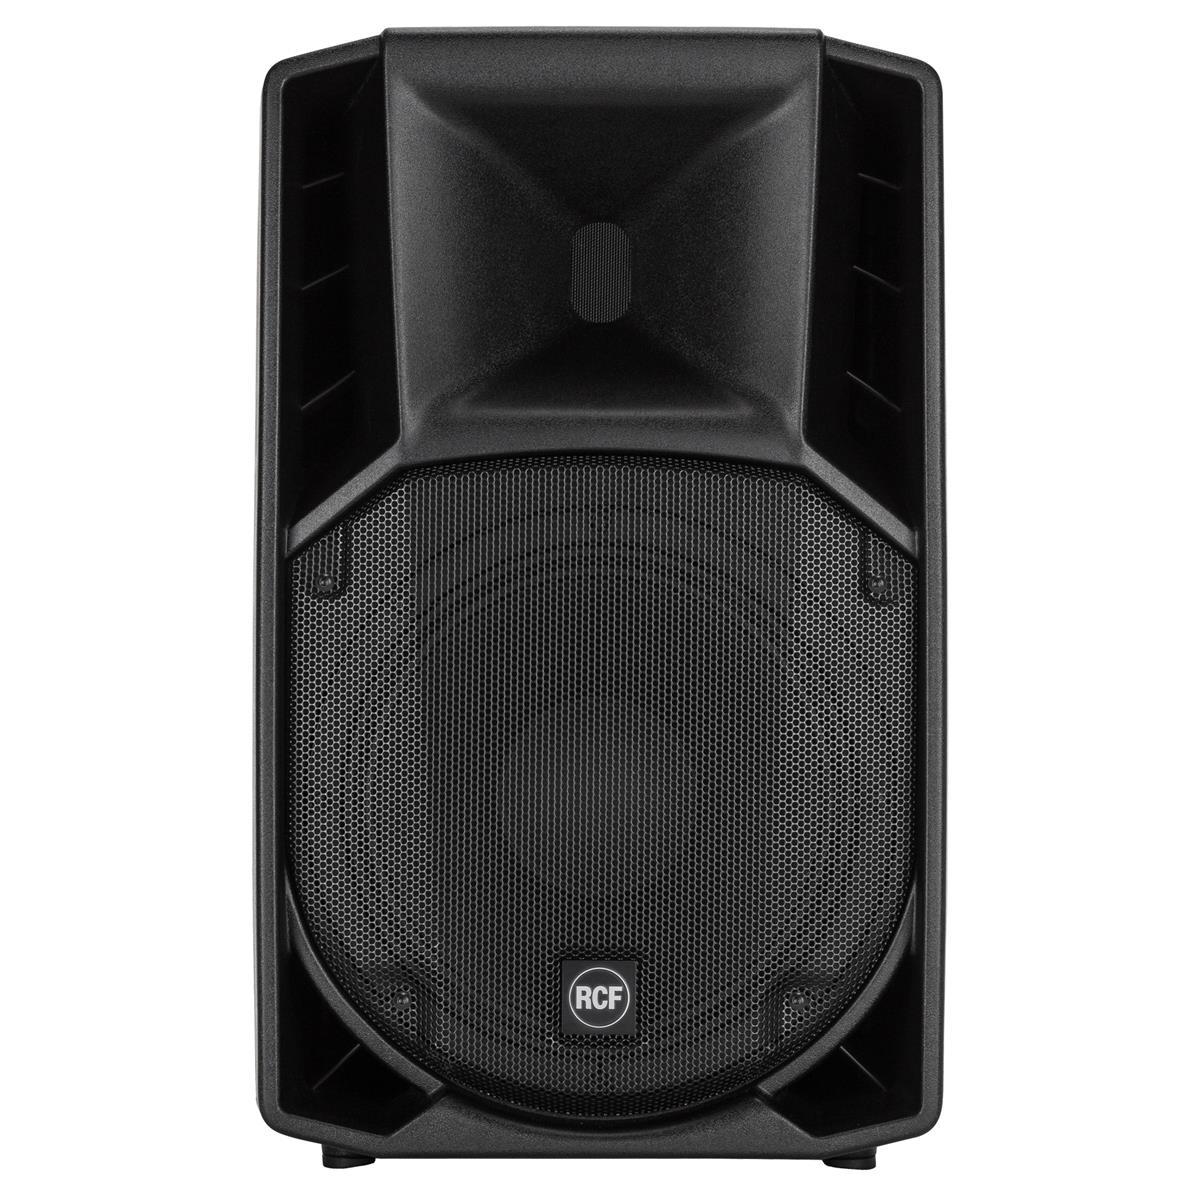 RCF Digital active speaker system 12in + 3in v.c., 700Wrms,